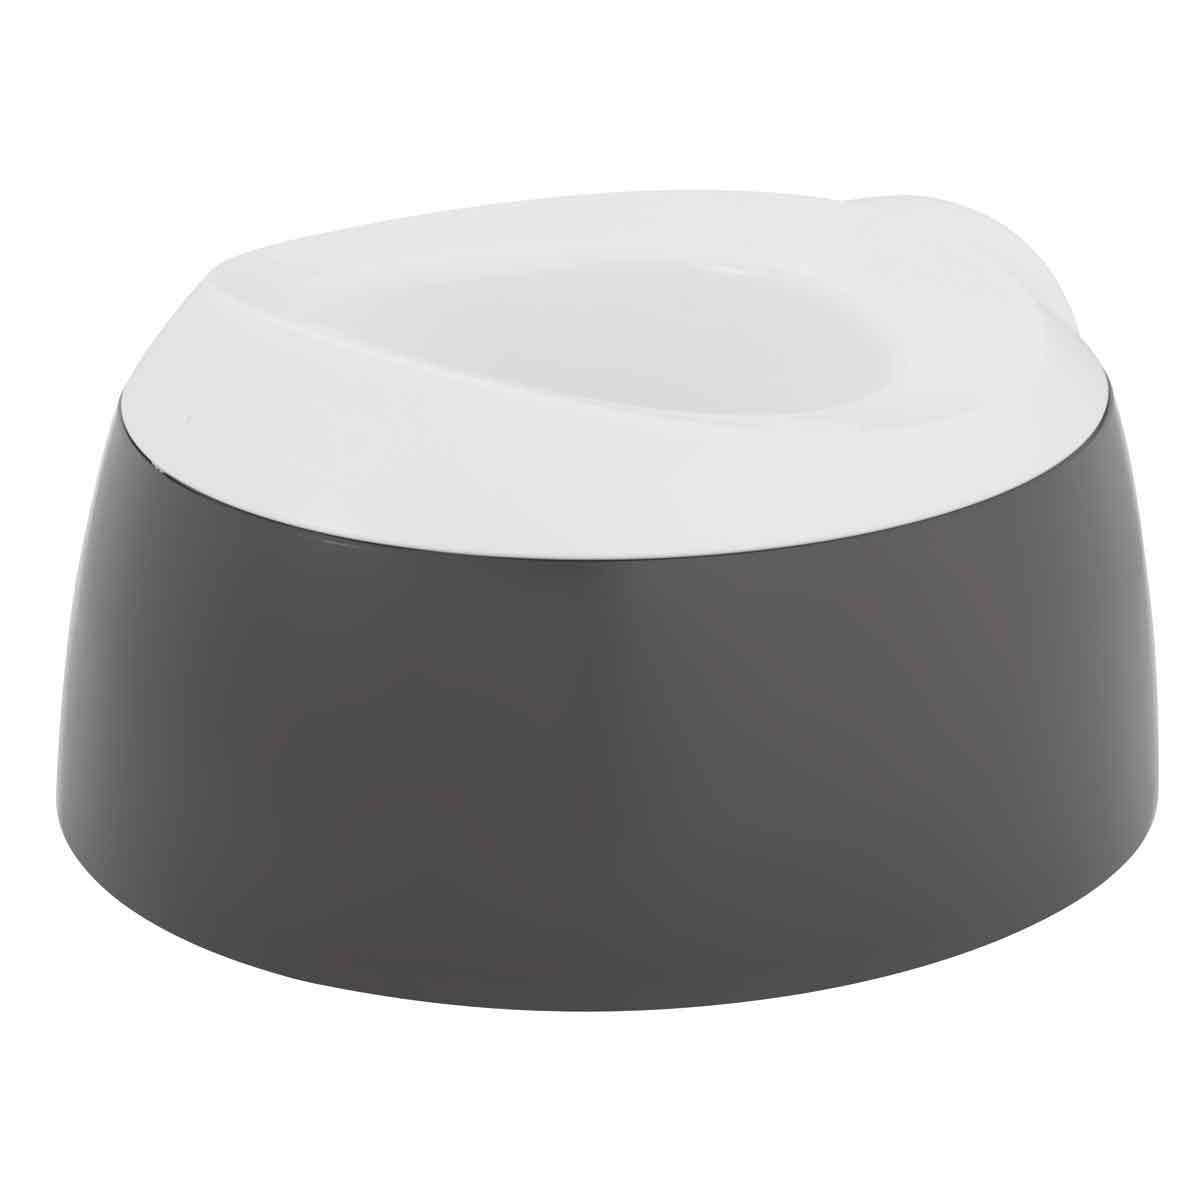 Pot & Réducteur Pot Bébé - Dark Grey Pot Bébé - Dark Grey